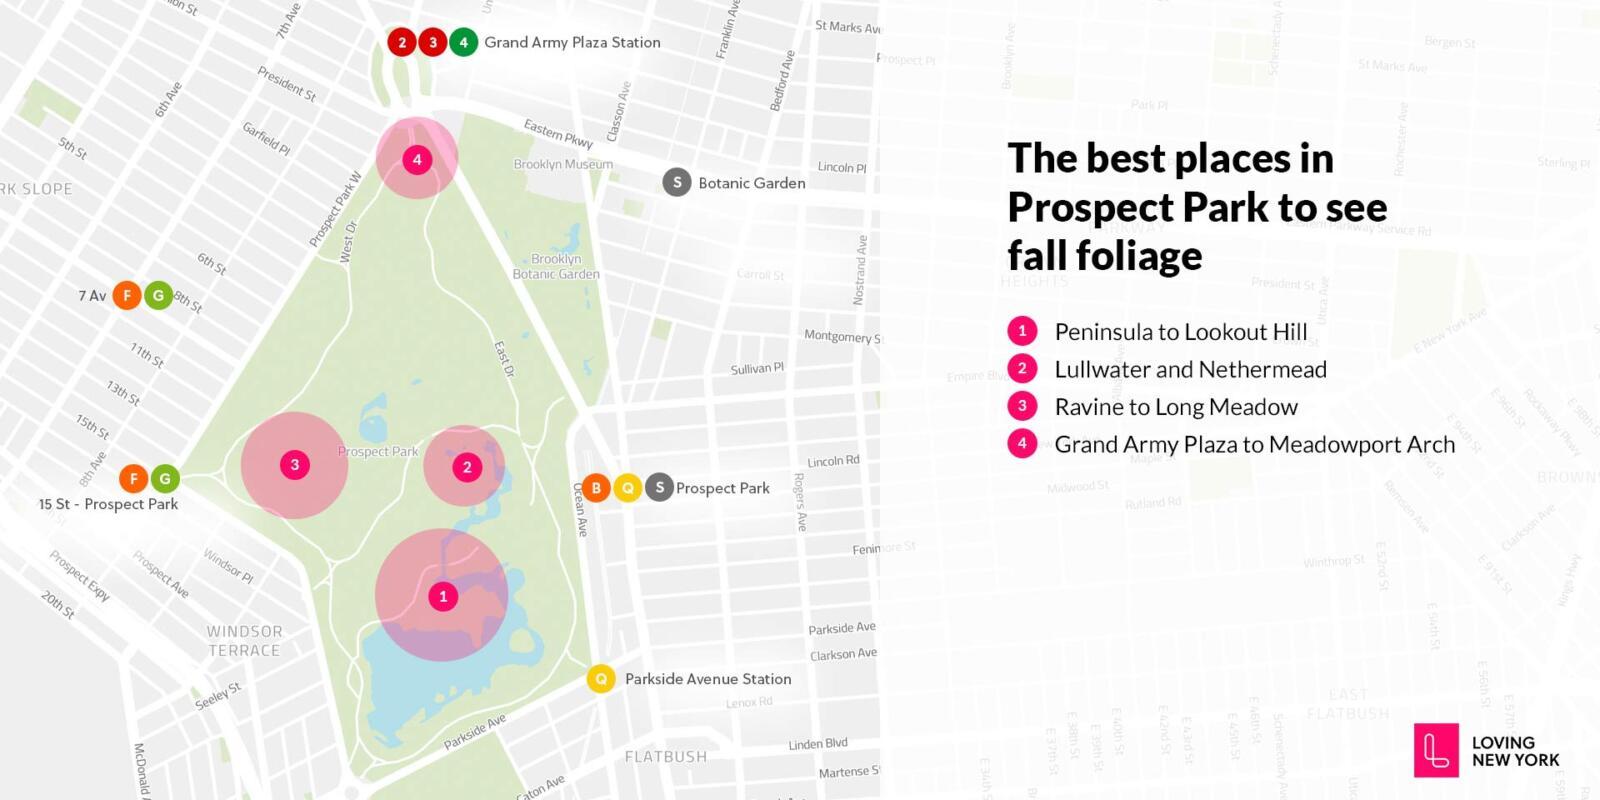 Estos son los mejores lugares para ver el follaje de otoño en Prospect Park